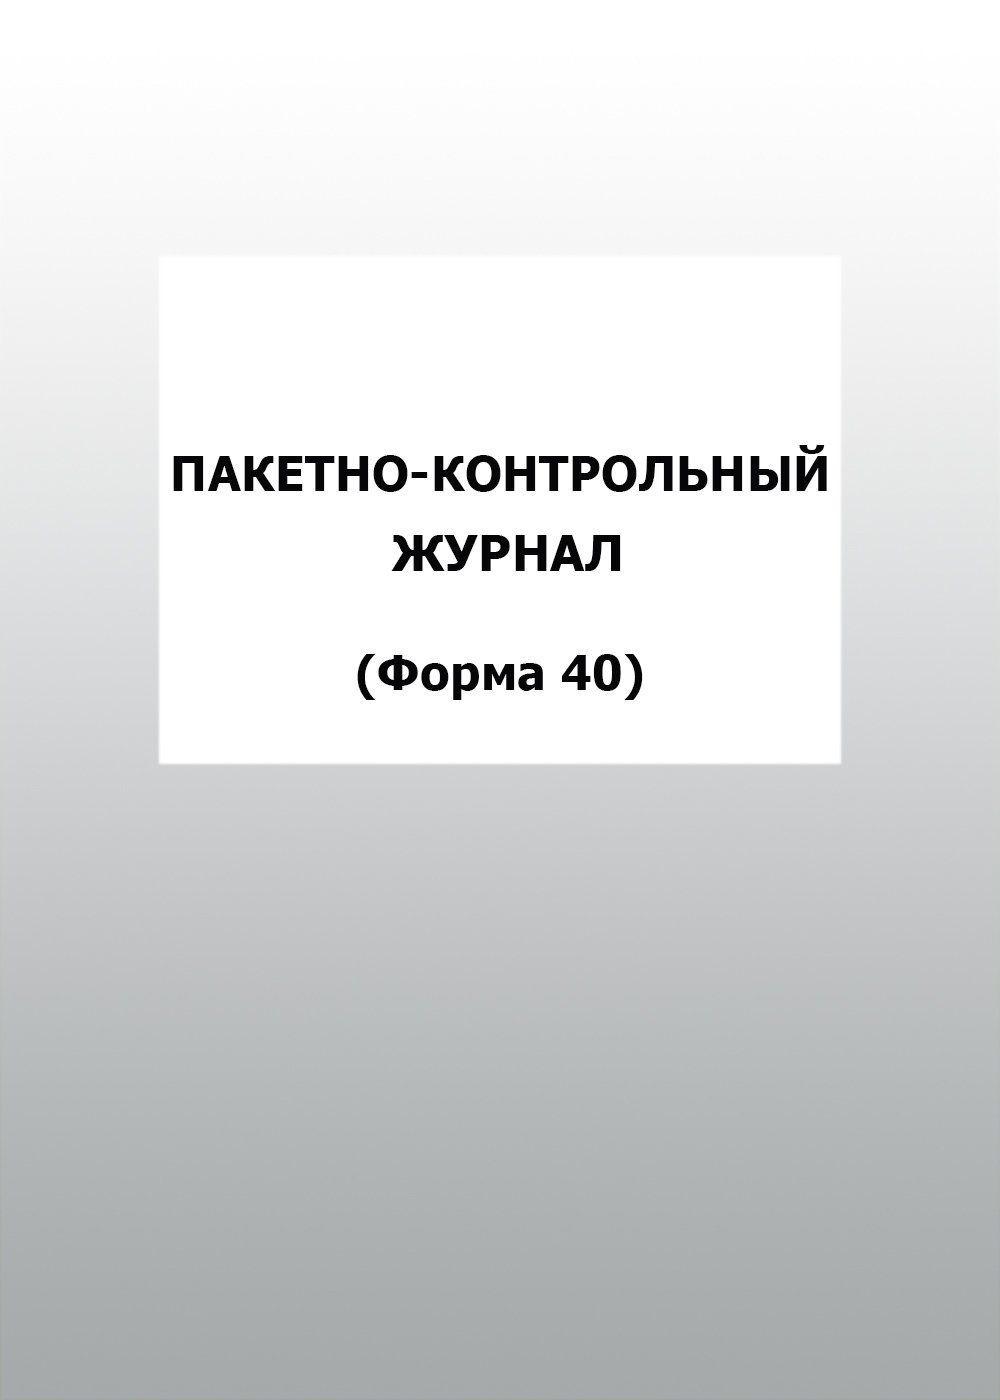 Пакетно-контрольный журнал (Форма 40): упаковка 100 шт.